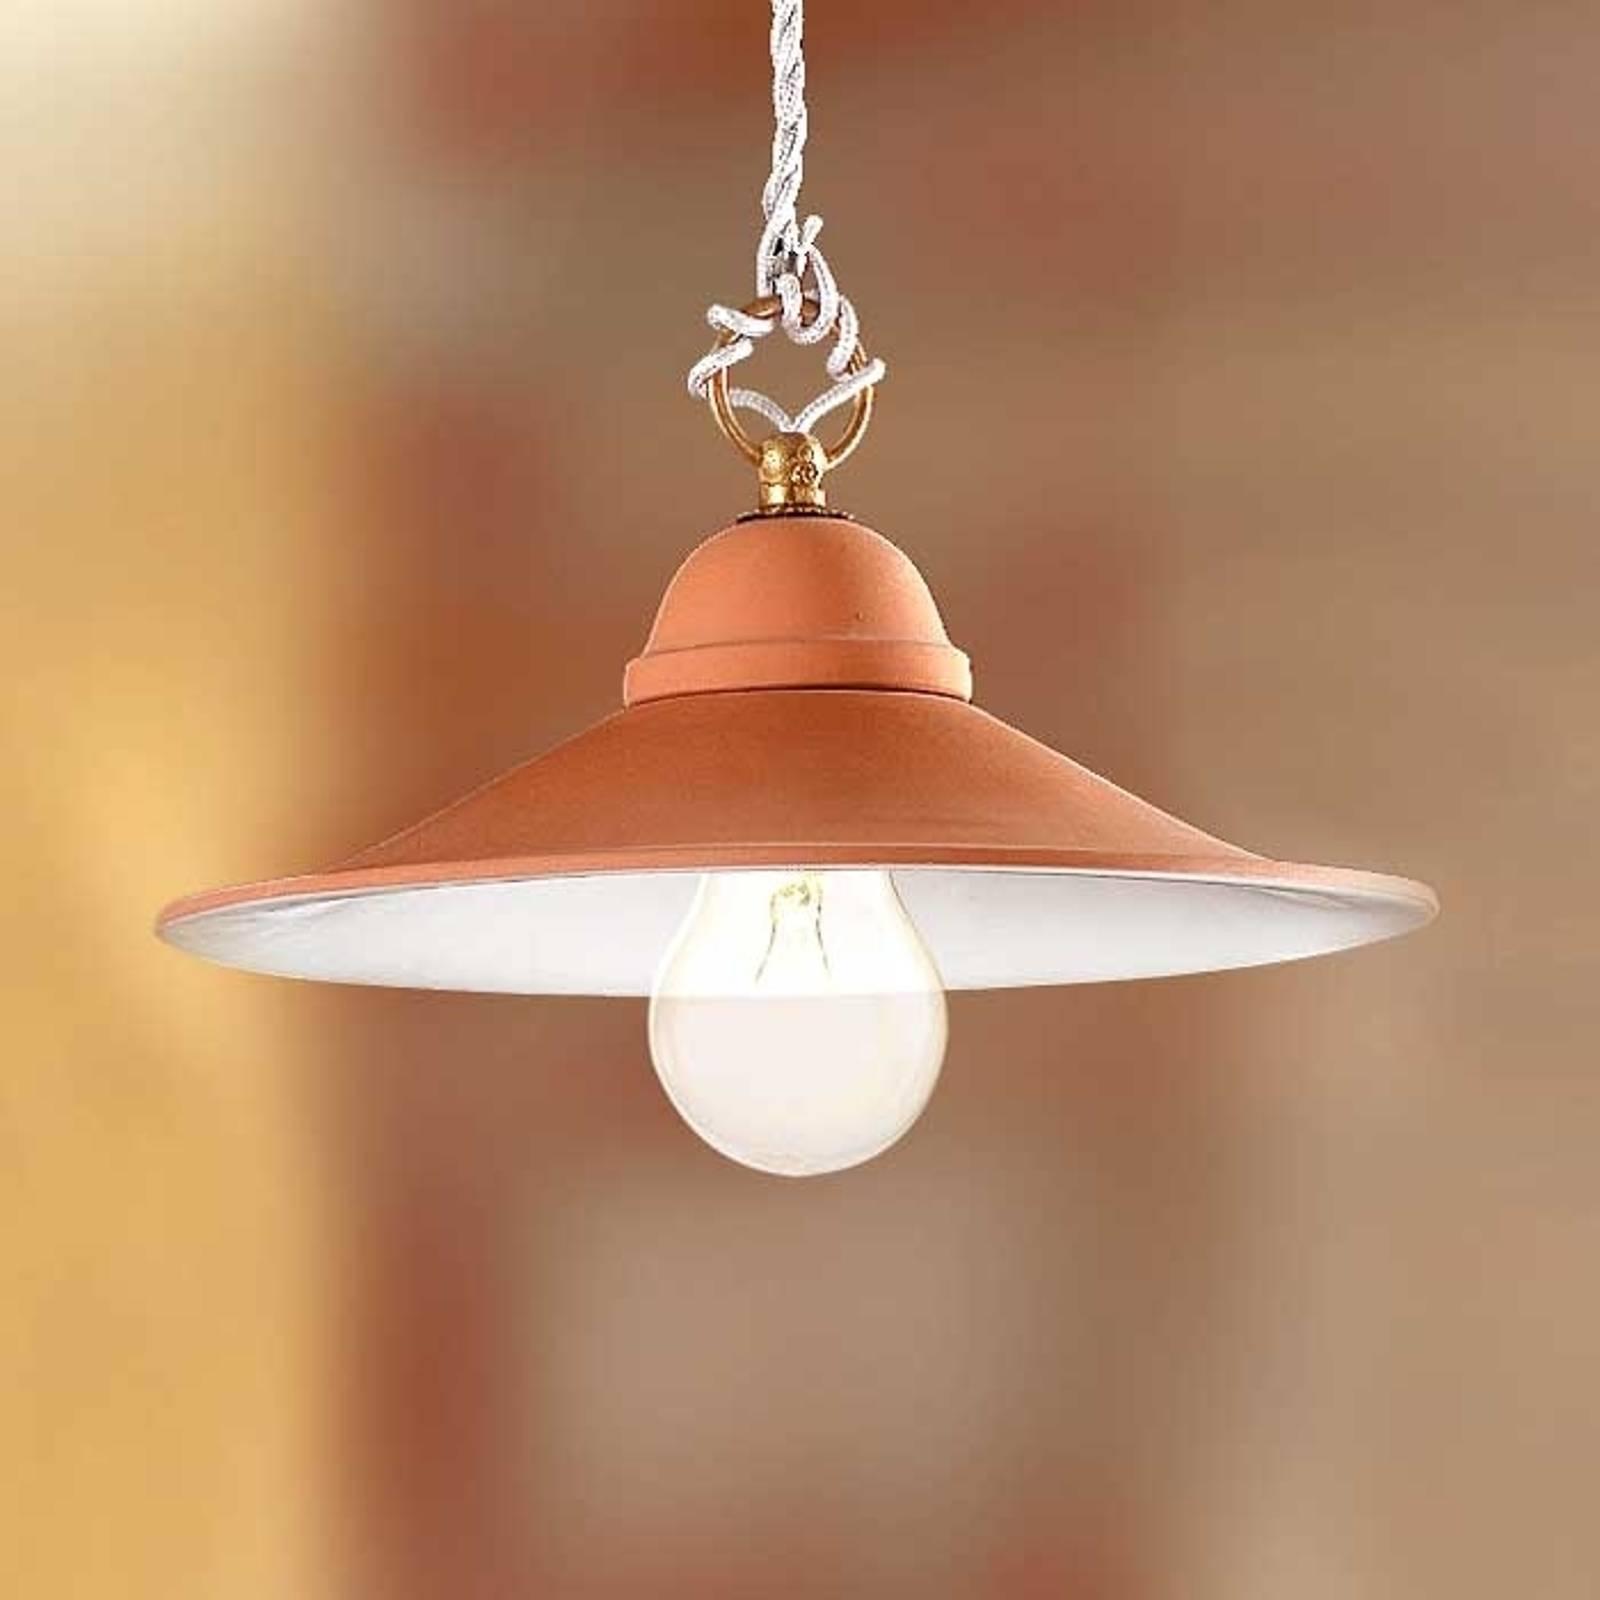 Hanglamp GIULIA met keramieken kap, 43 cm